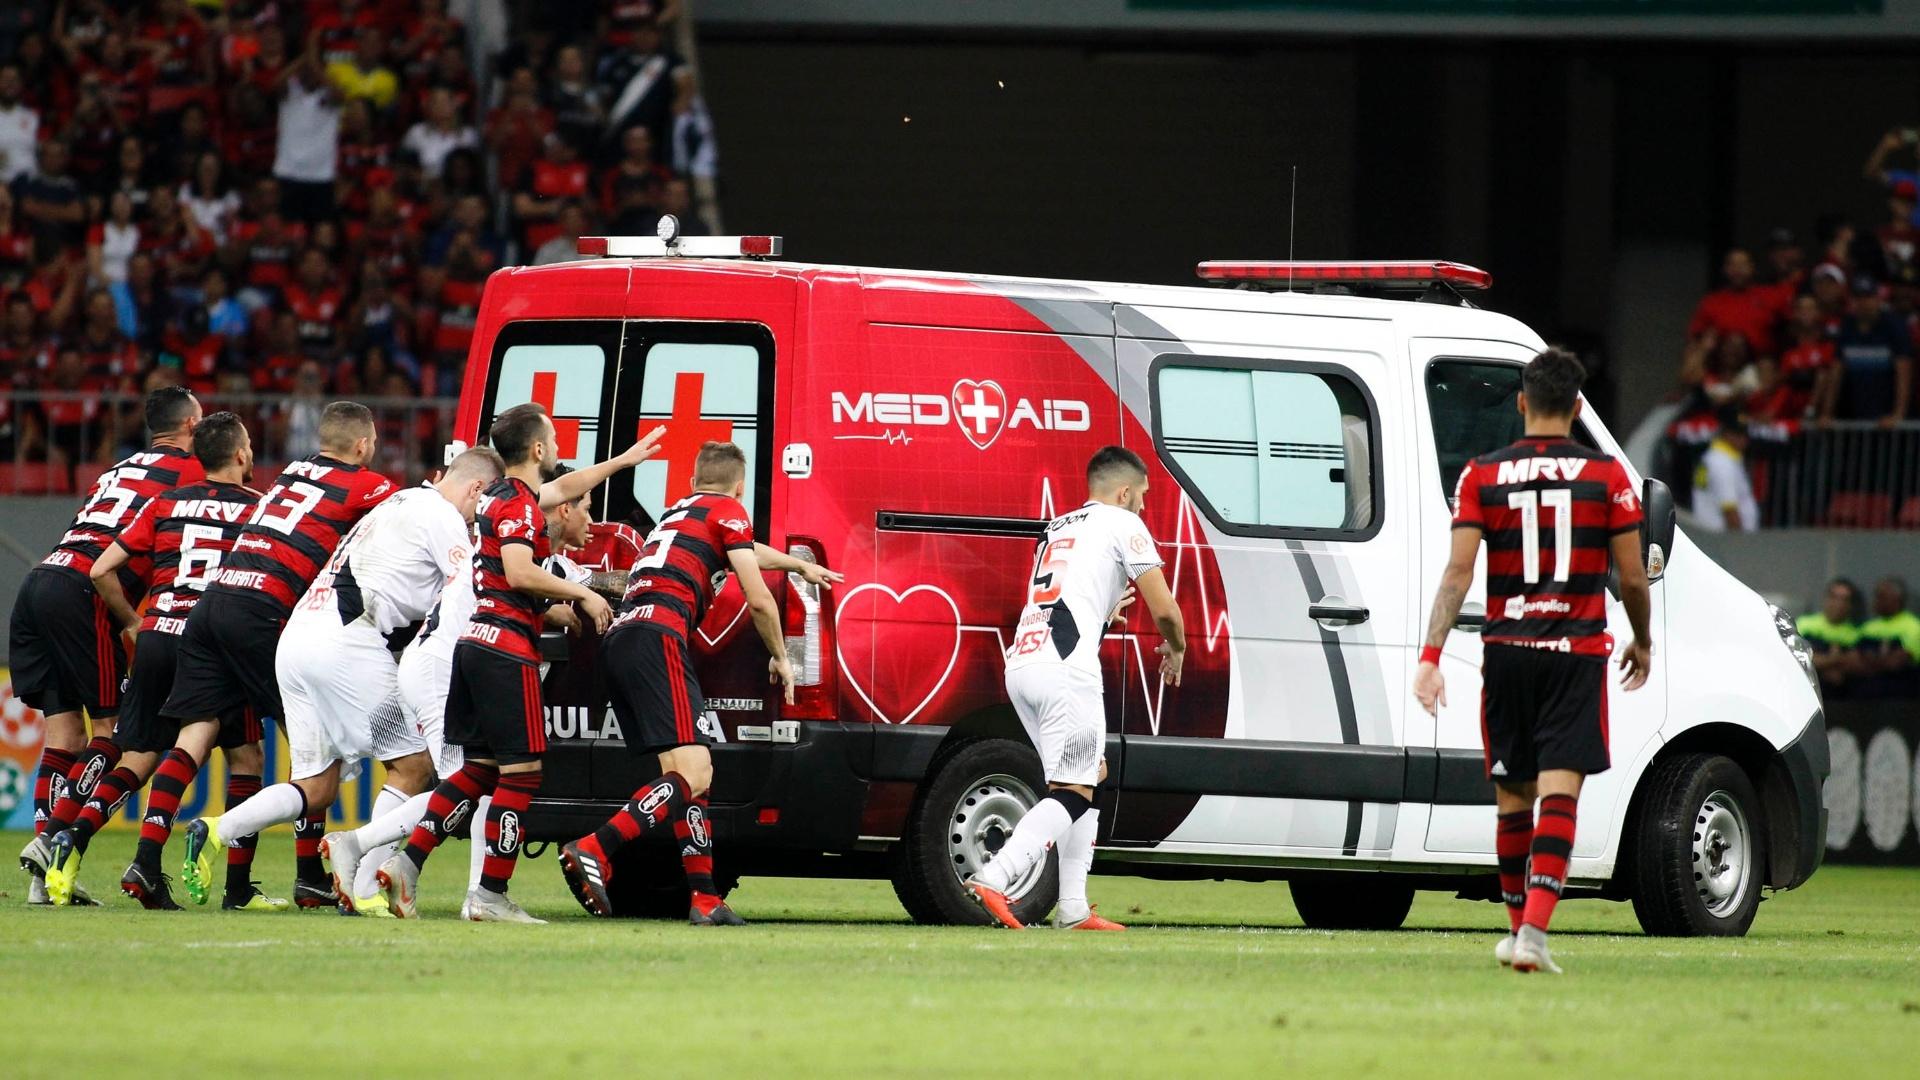 Jogadores de Vasco e Flamengo empurraram ambulância no gramado